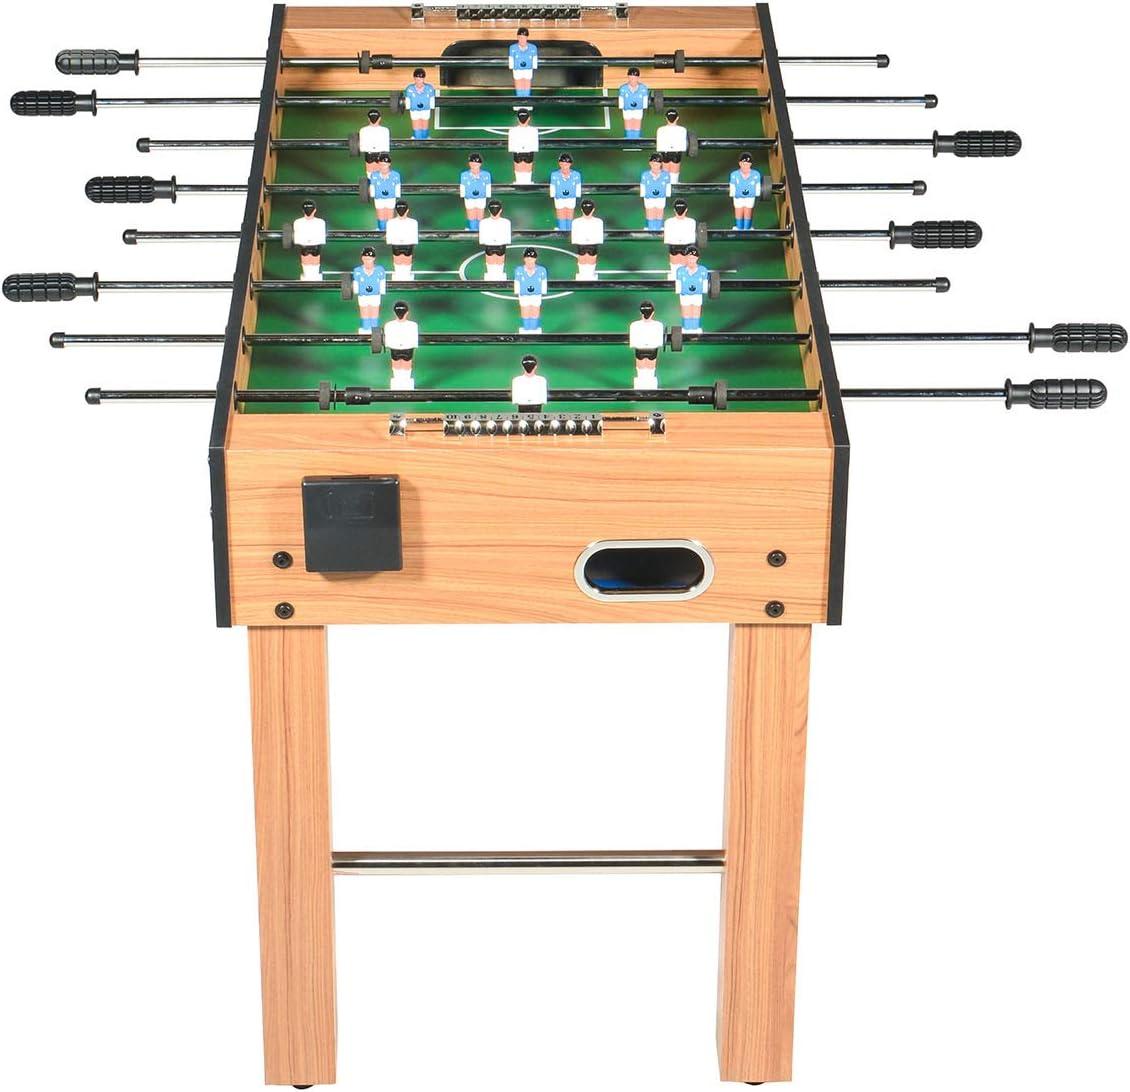 Mesa de Futbolin -Baby Foot Teenagers -Mesa Futbilin para niños - 126 x 62 x 80 cm: Amazon.es: Juguetes y juegos